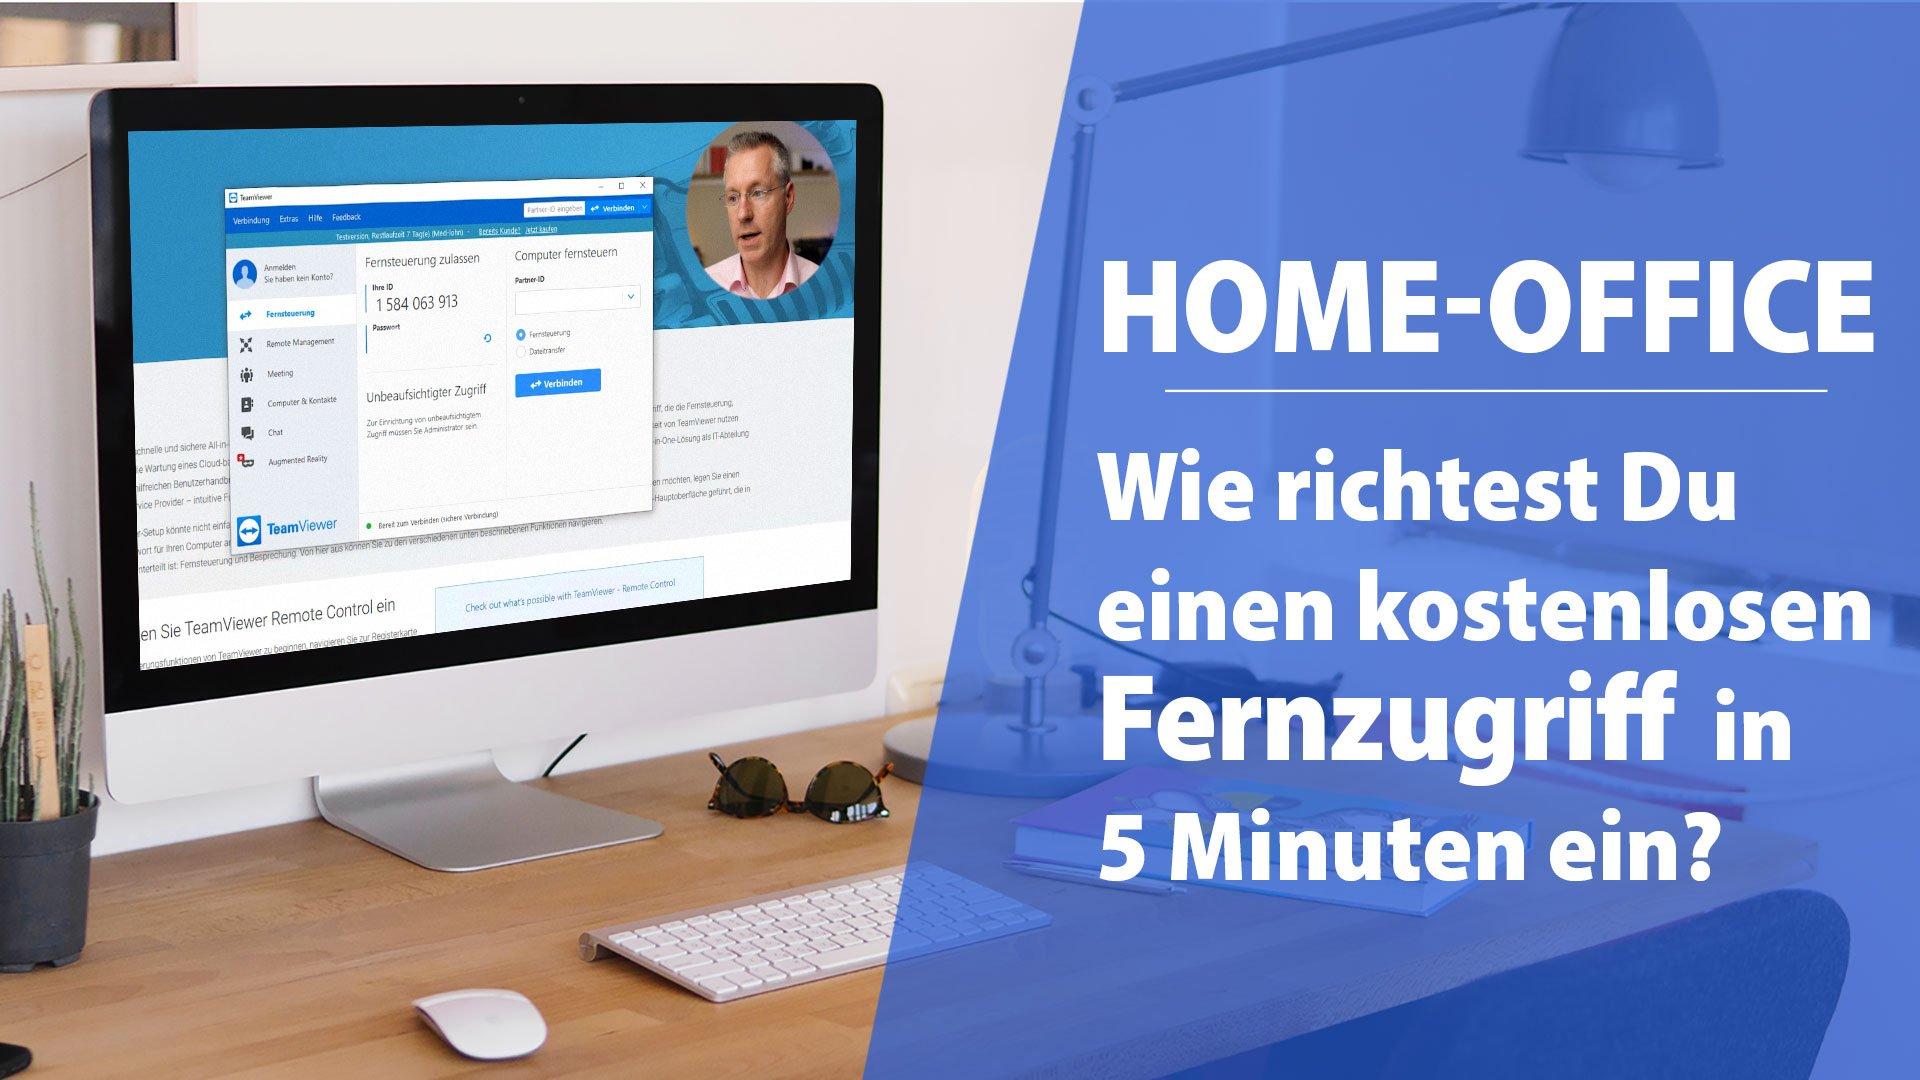 Home-Office! Wie richtest Du einen kostenlosen Fernzugriff in nur 5 Minuten ein?